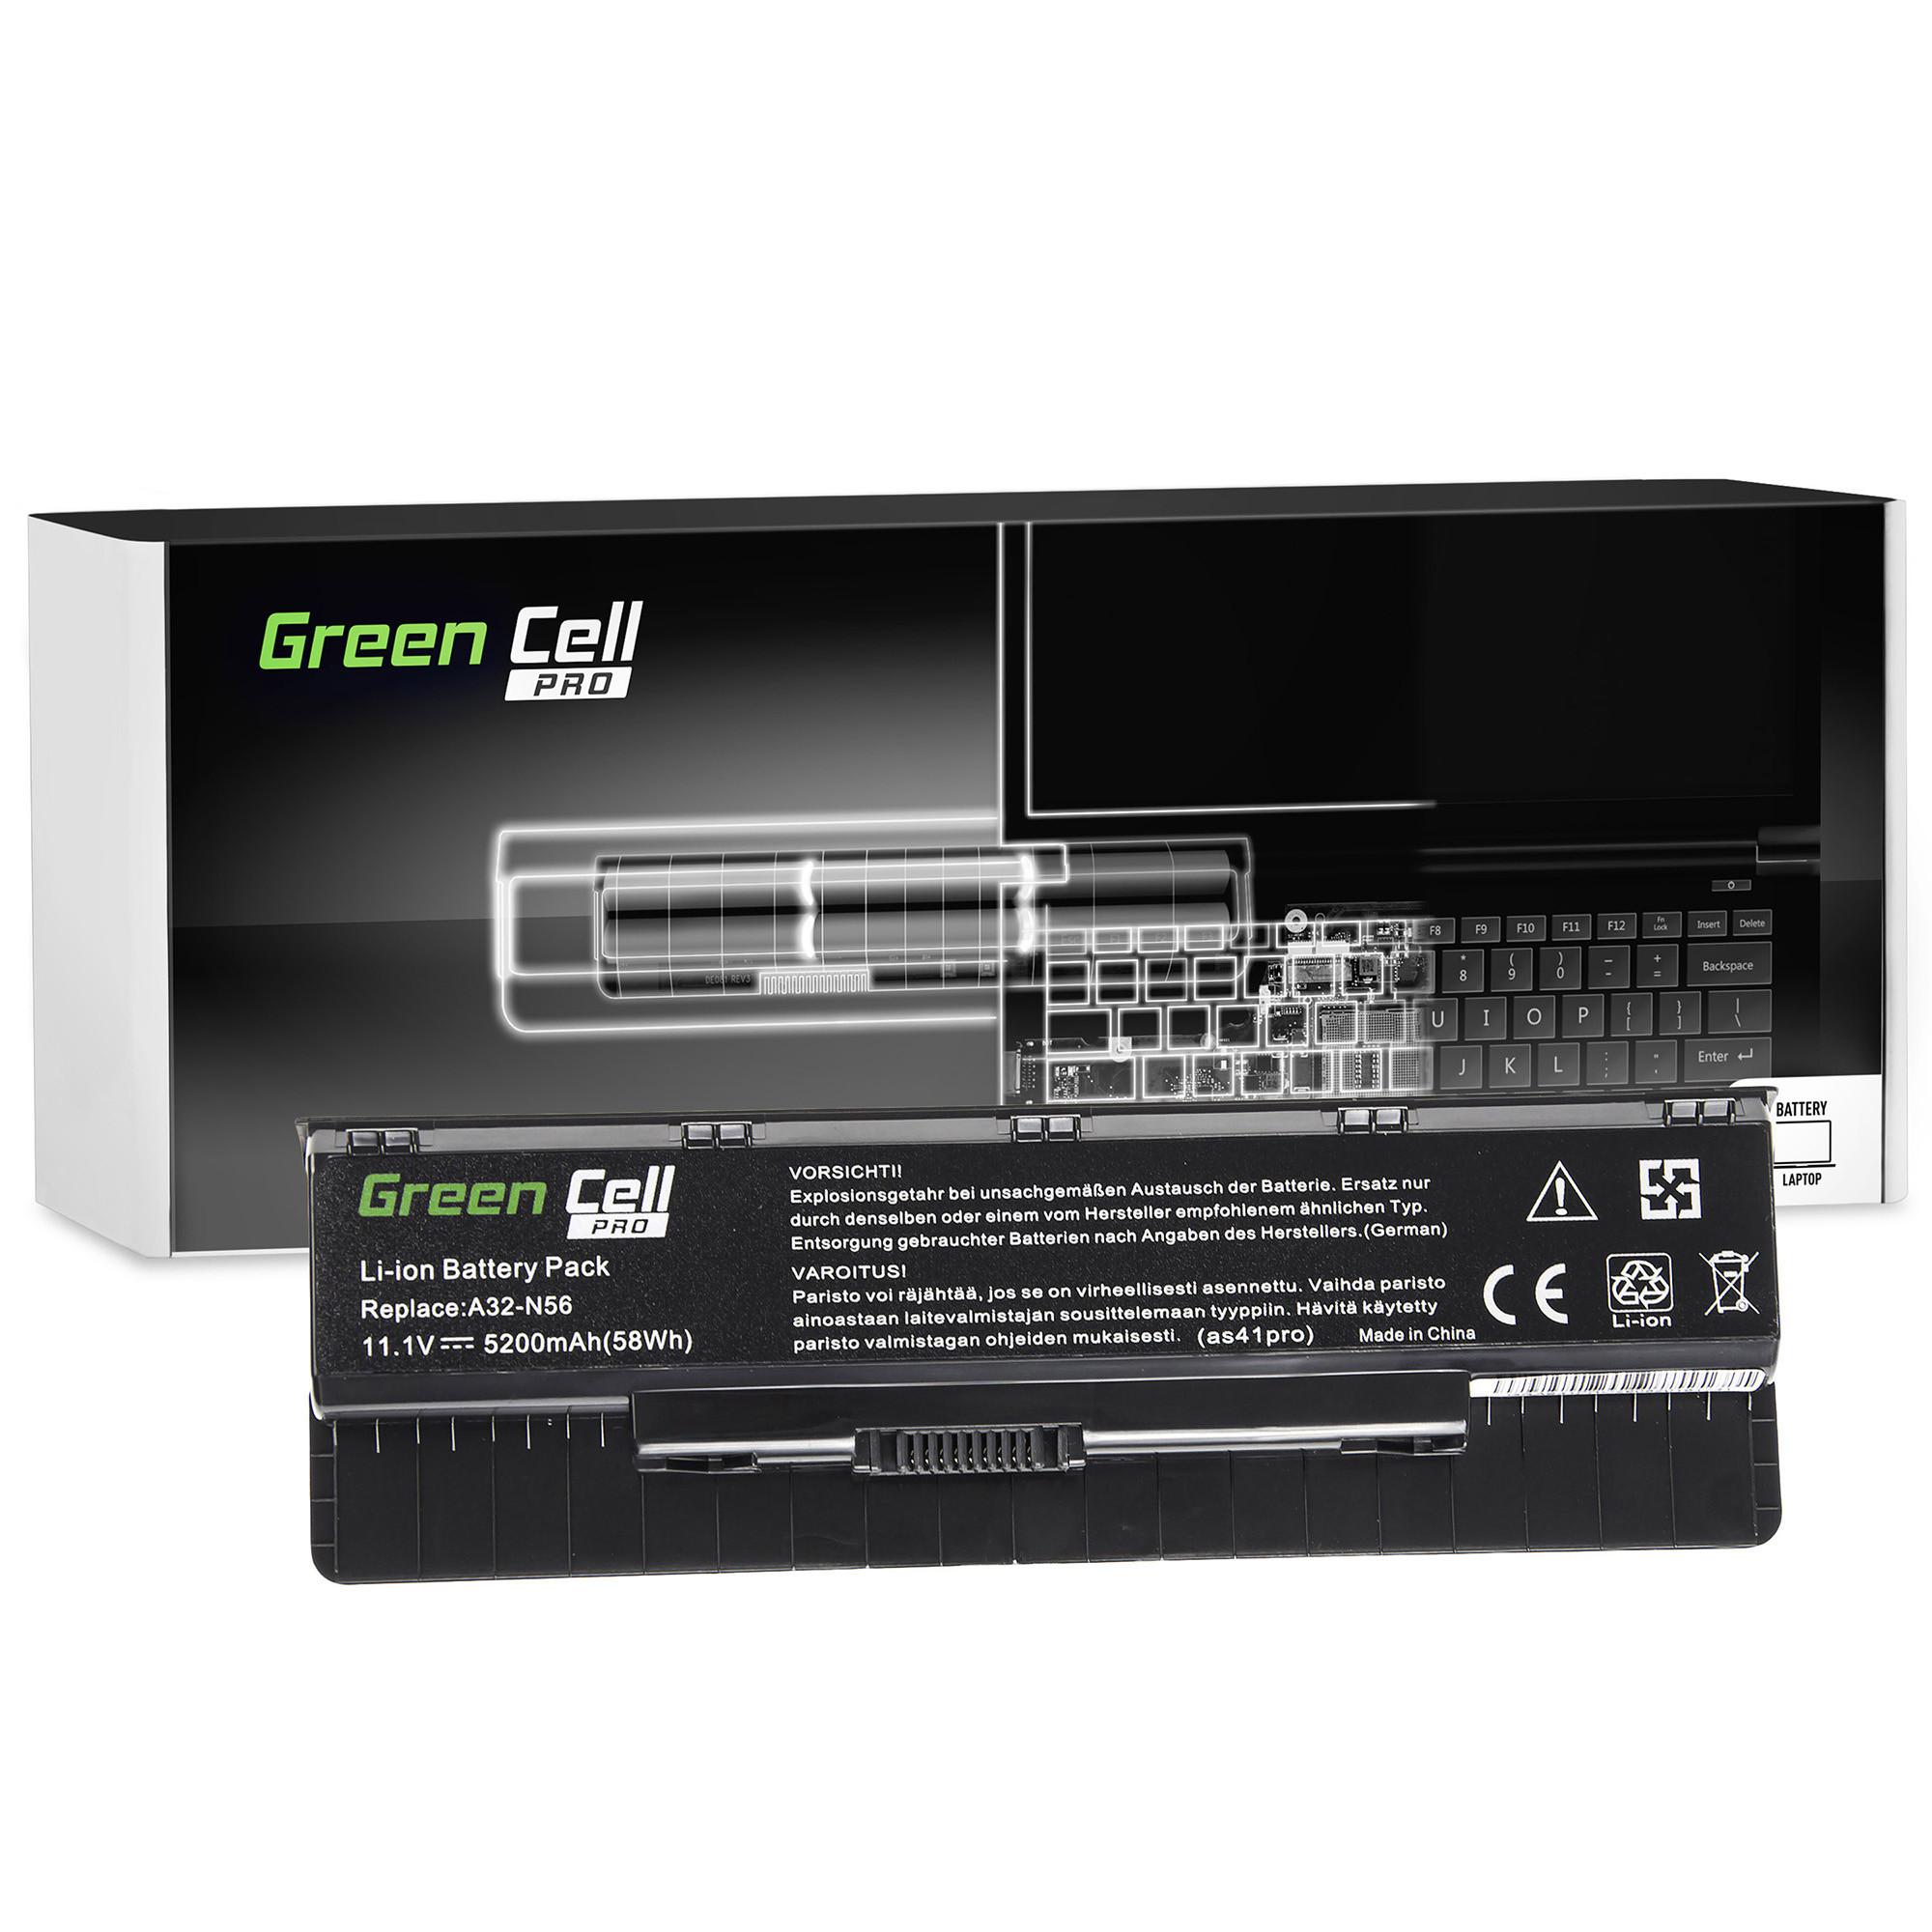 Green Cell AS41PRO Baterie Asus G56/N46/N56/N56DP/N56V/N56VM/N56VZ/N76 5200mAh Li-ion - neoriginální